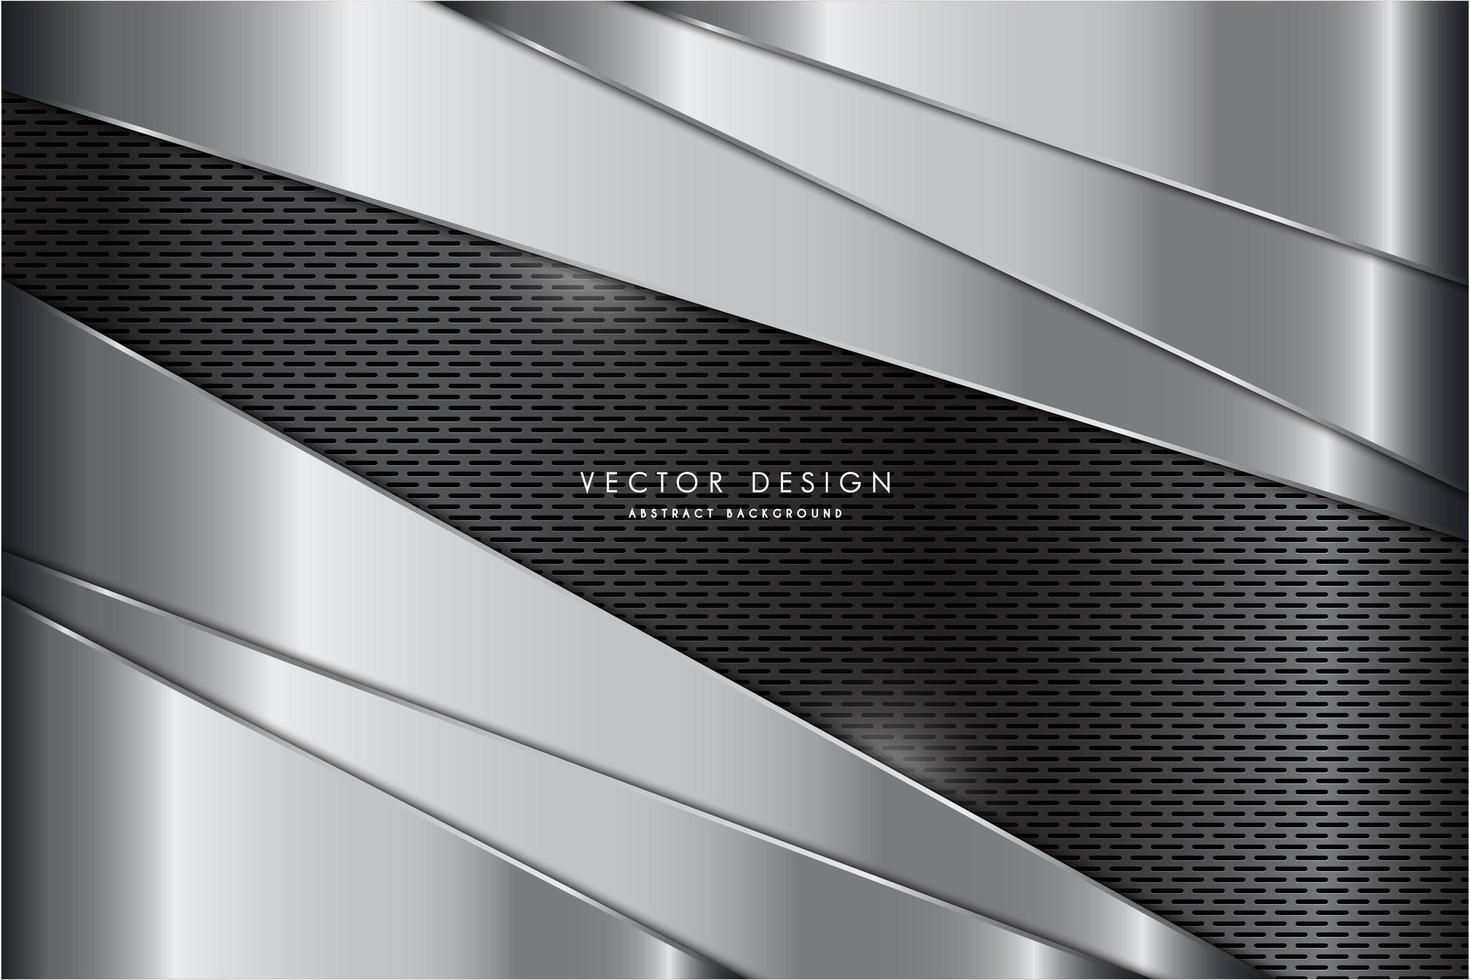 paneles plateados metálicos redondeados con textura de fibra de carbono vector